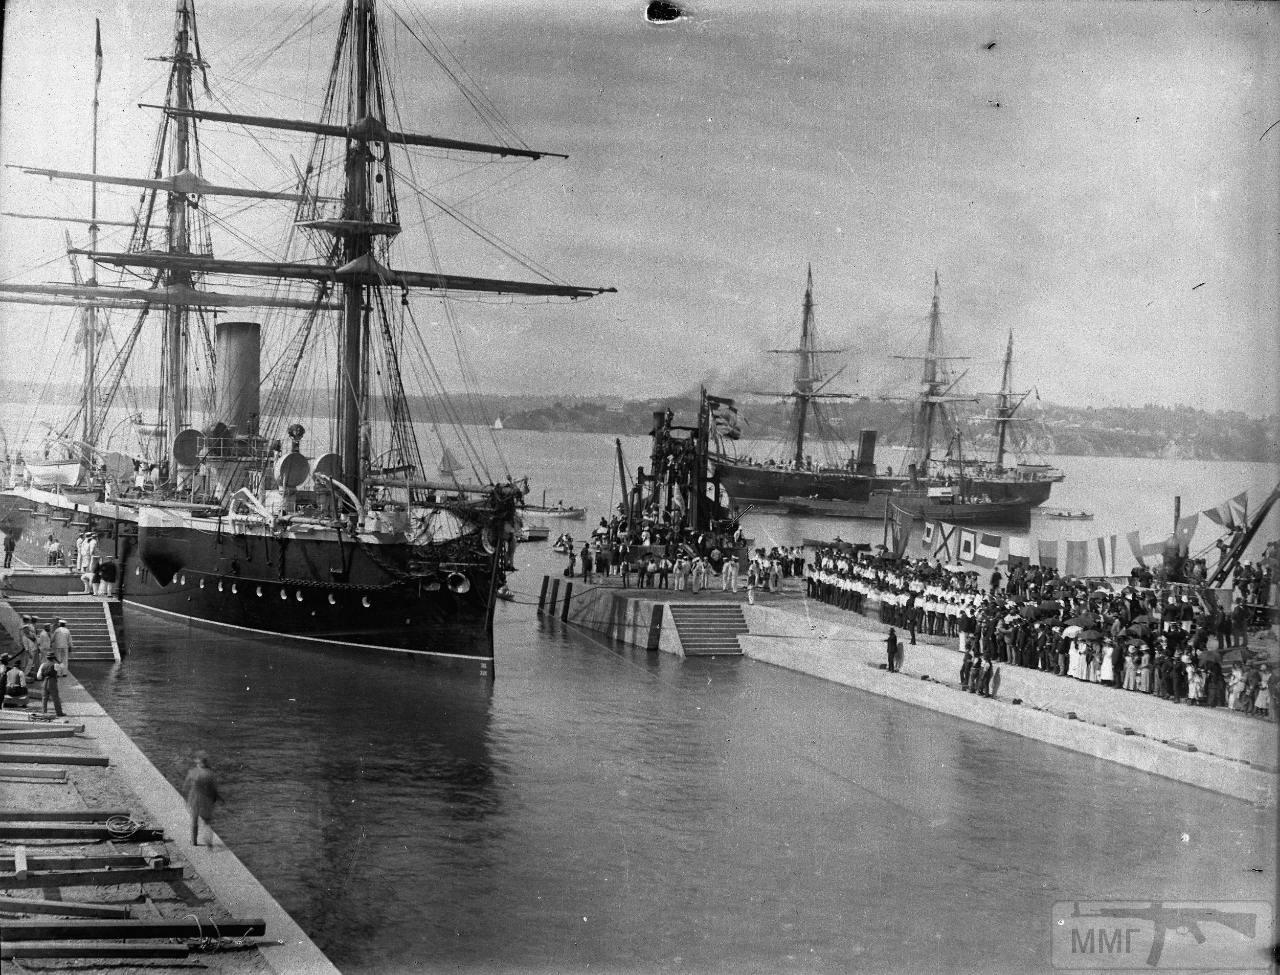 52557 - HMS Calliope